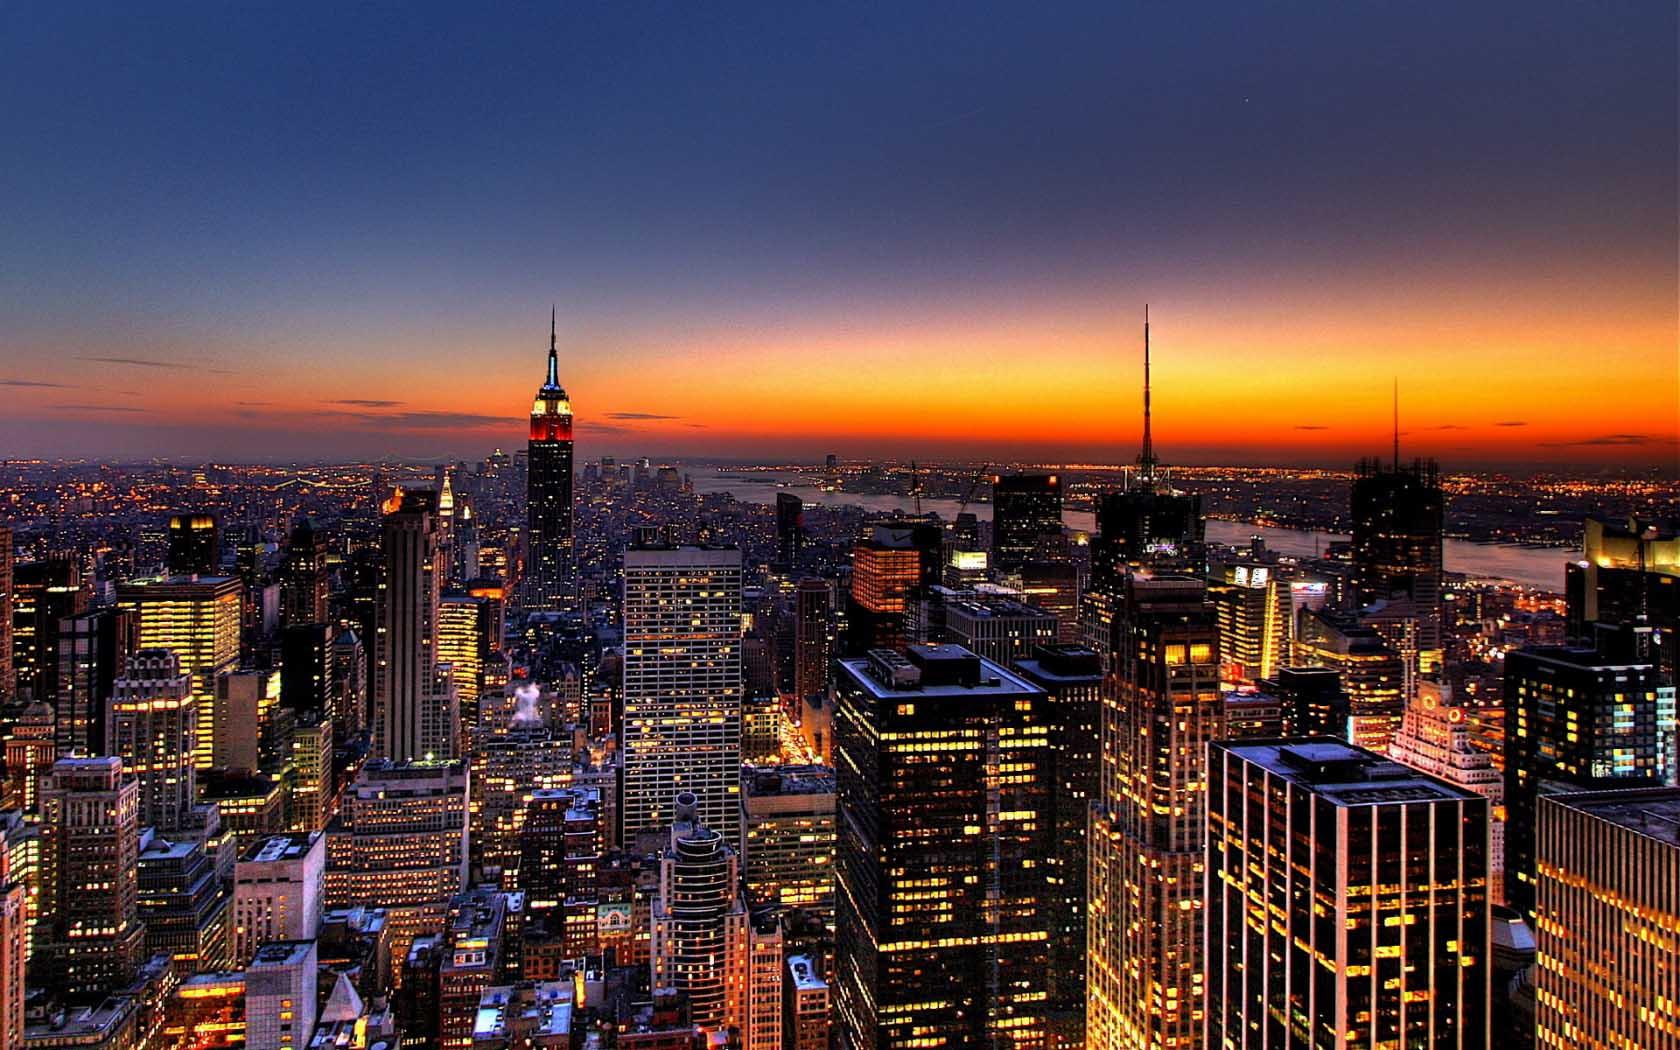 sundown view of New York City 4K